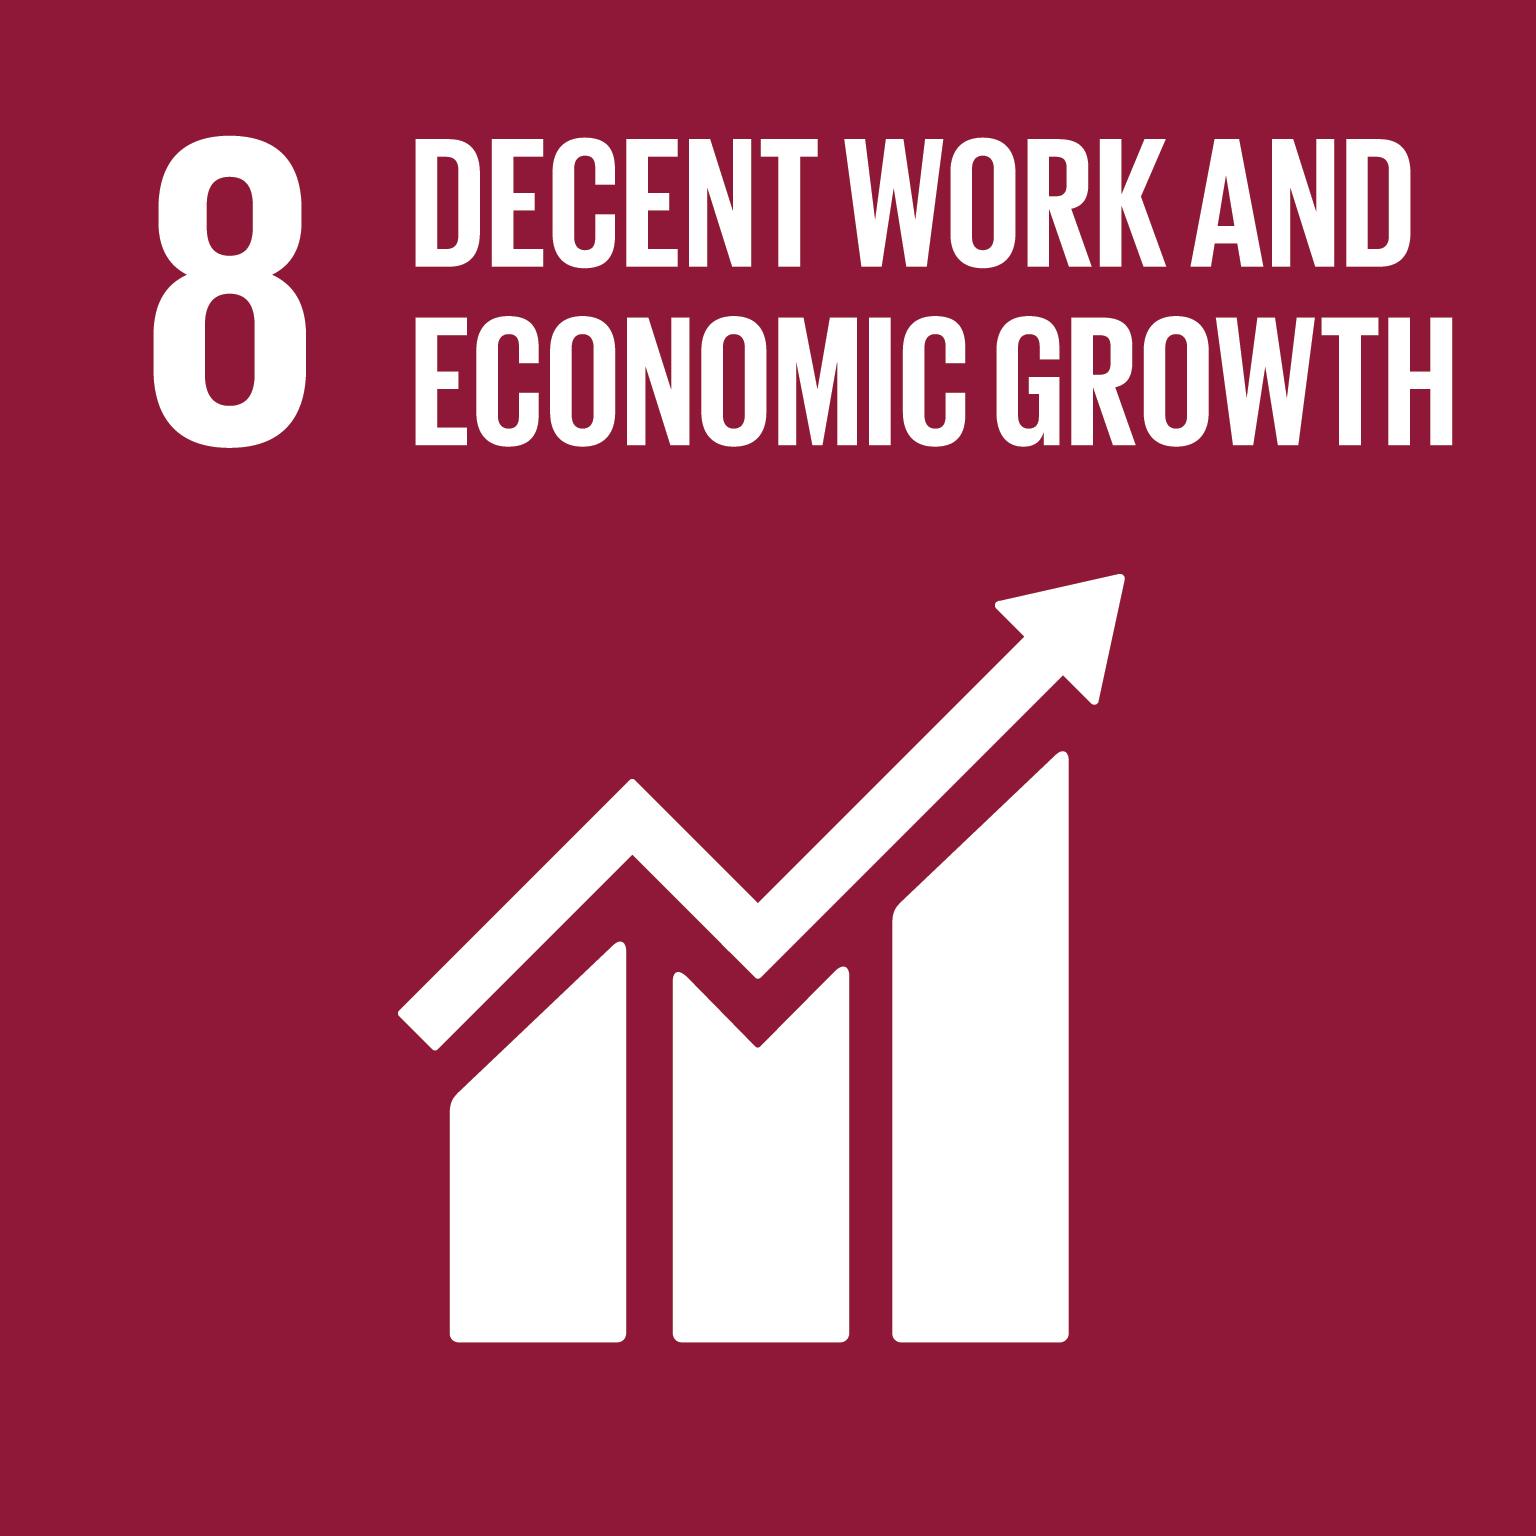 良好工作與經濟成長